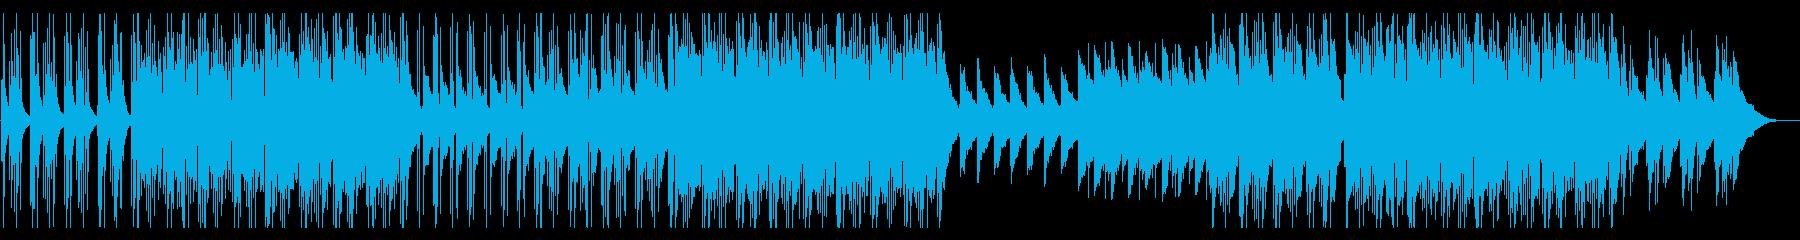 ピアノ主体の悲しげなインストの再生済みの波形